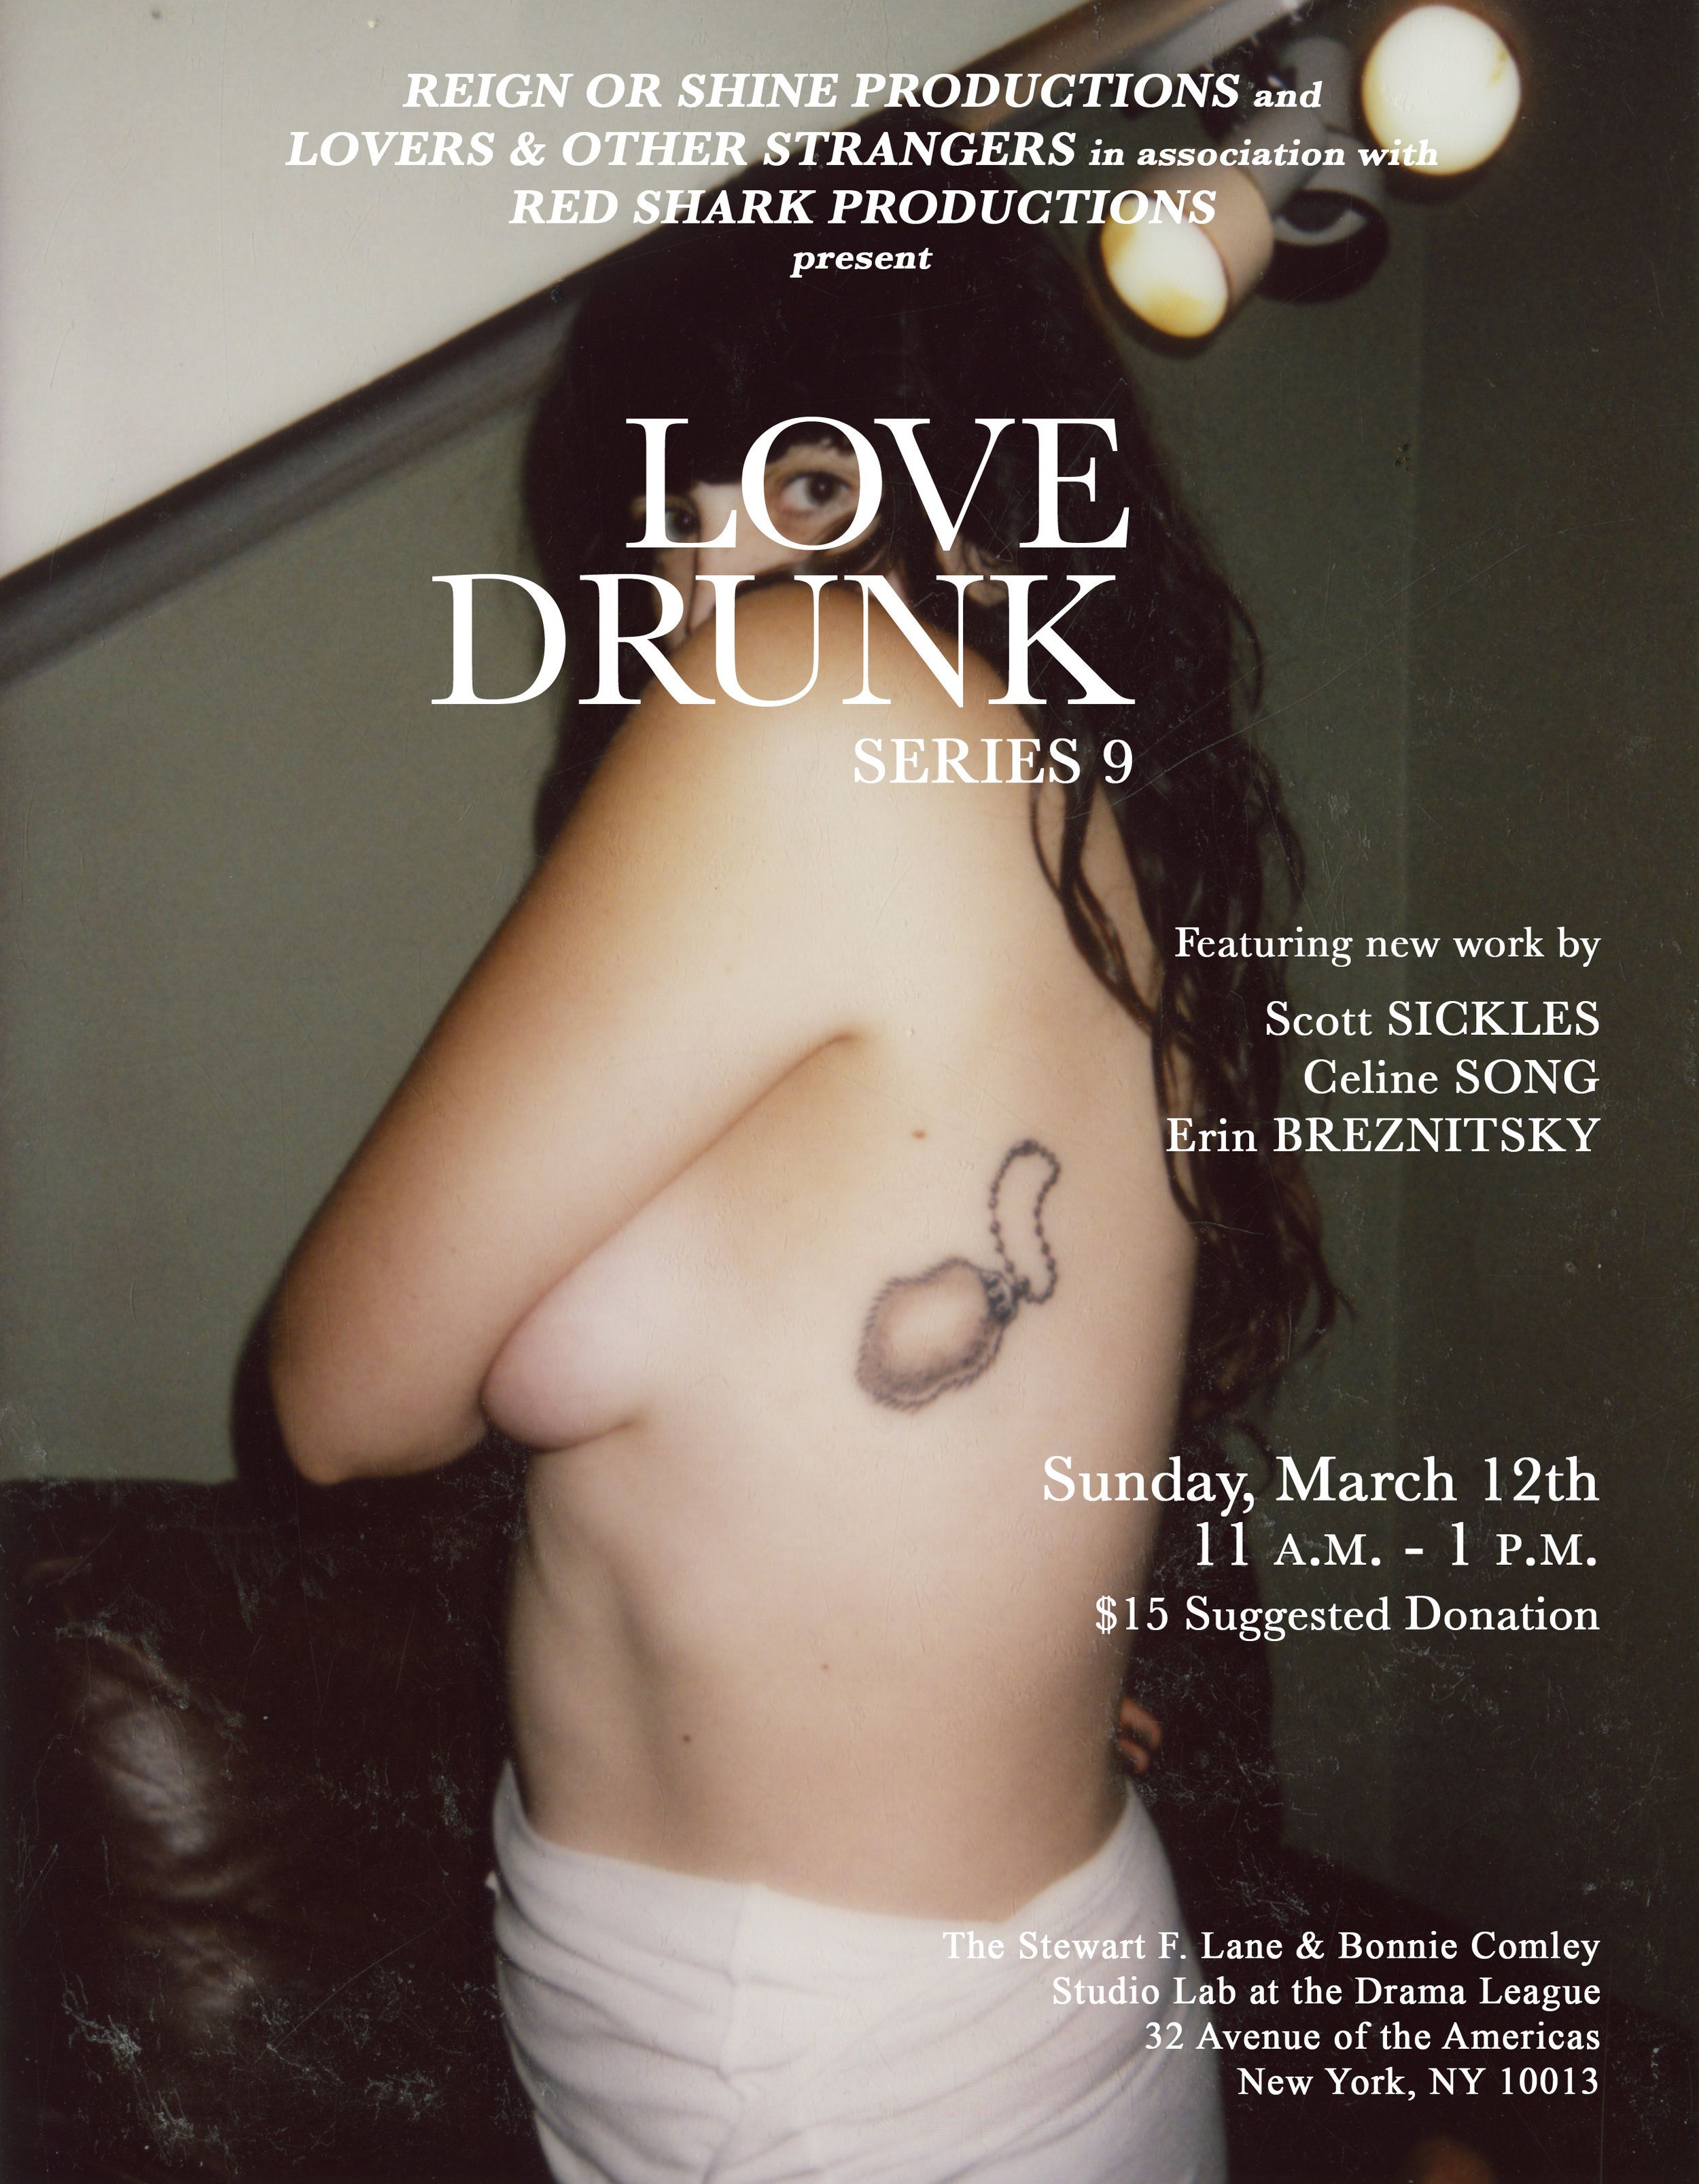 Love Drunk Series 9